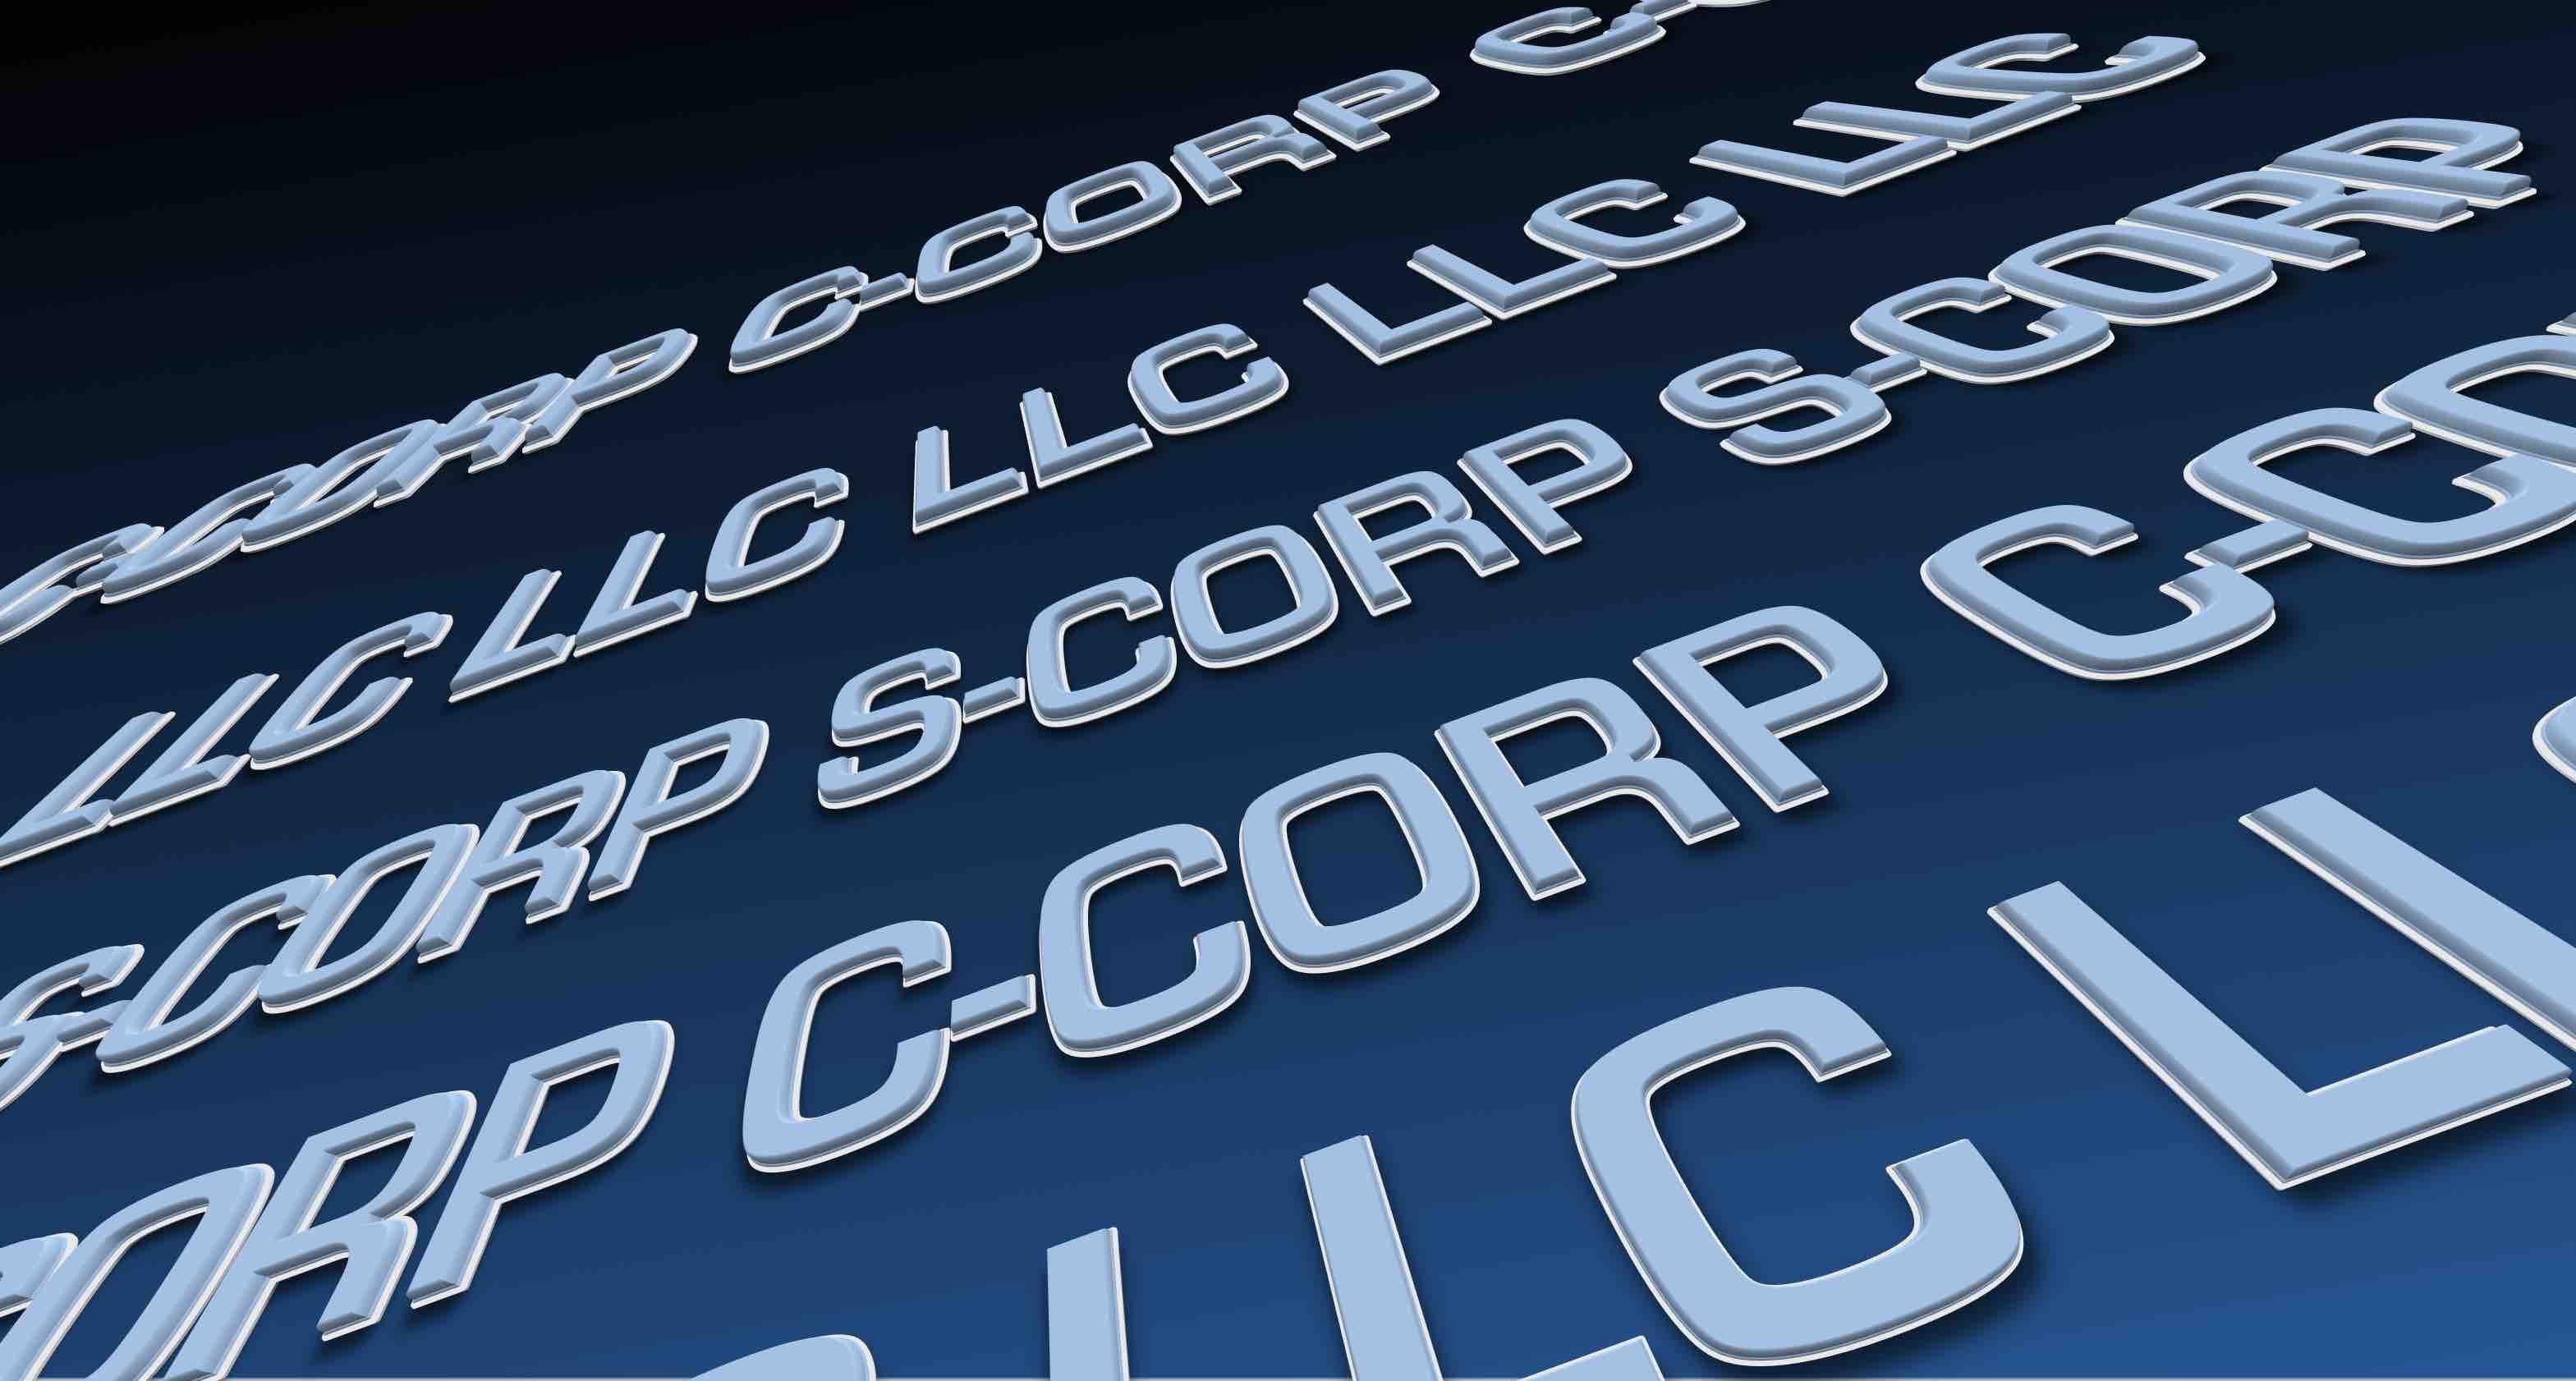 Elección de la estructura de la entidad: LLC o corporación [INFOGRAFÍA]